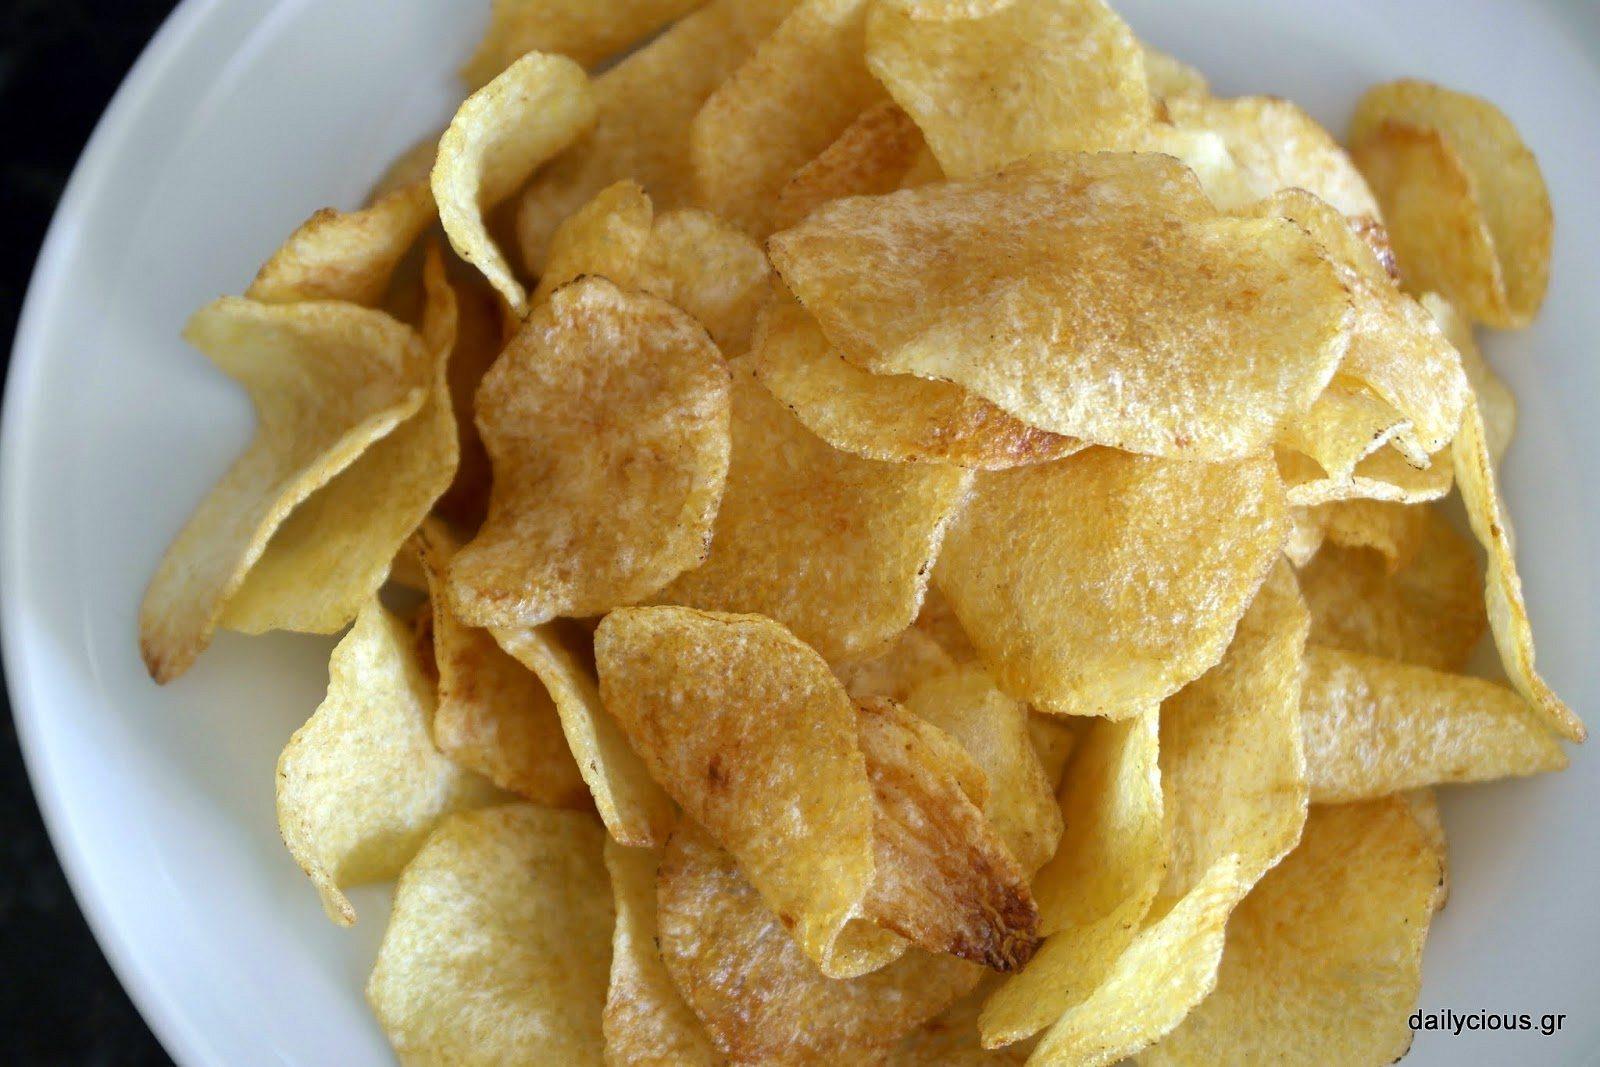 Σπιτικά πατατάκια (τσιπς) | Dailycious.gr